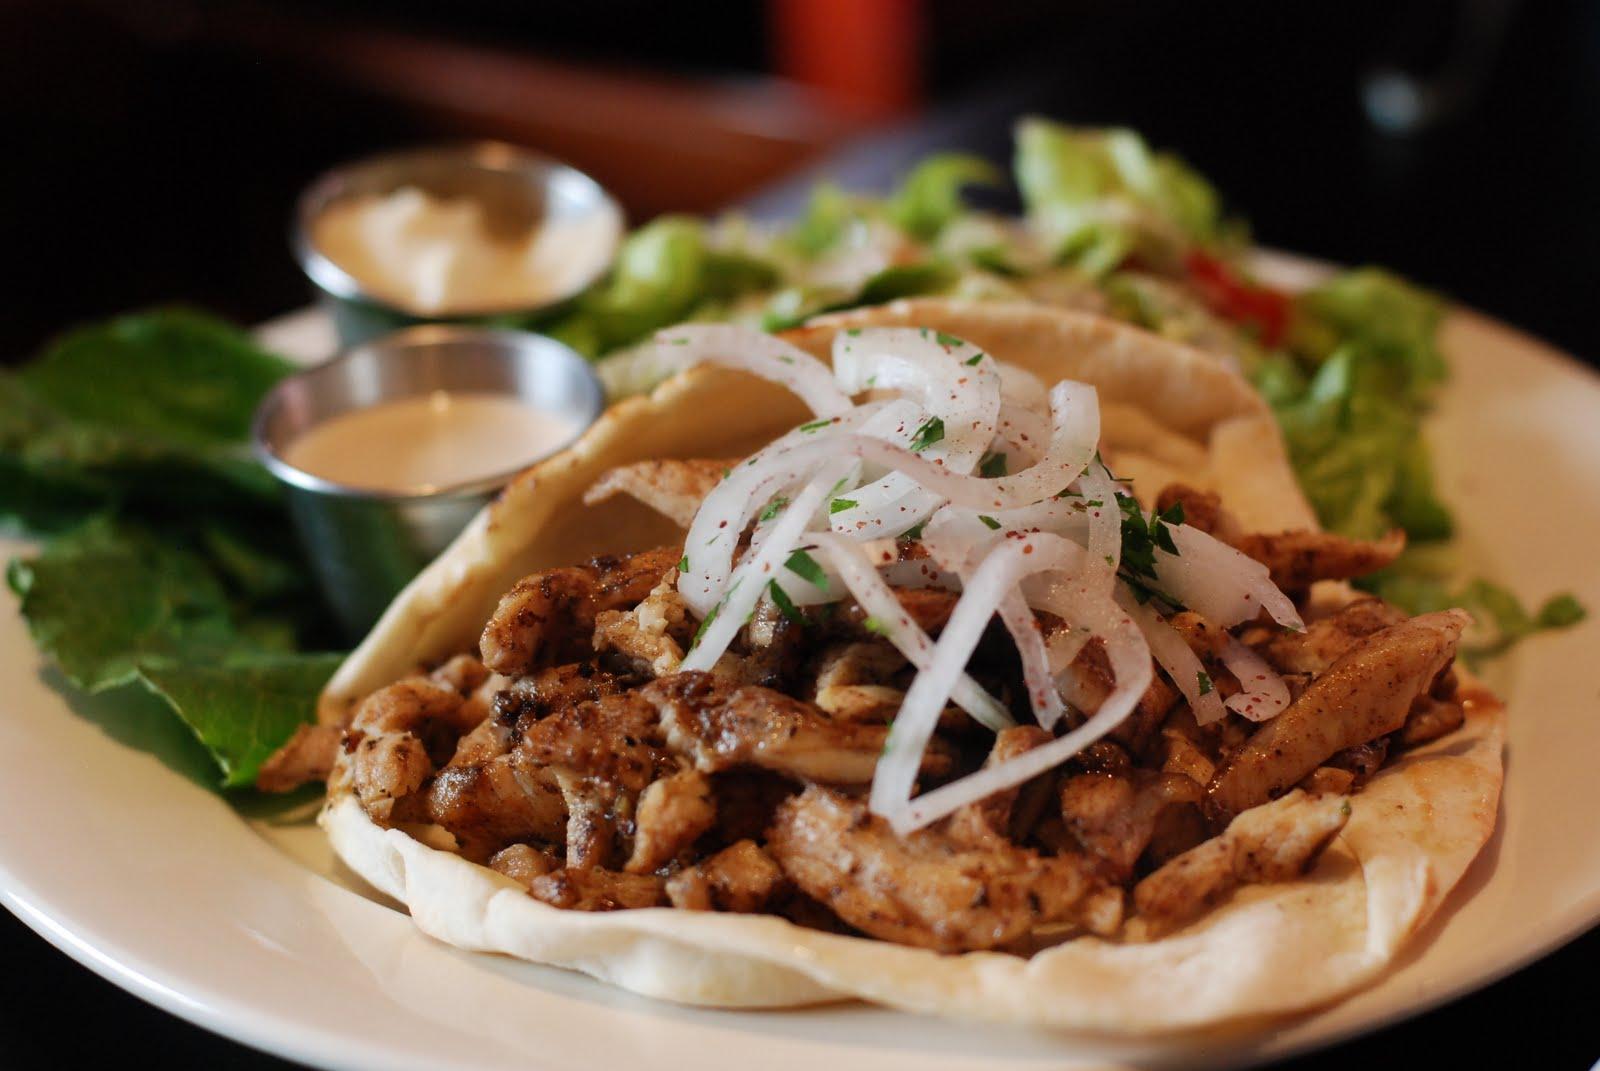 Chicken Shawarma Sandwich | Khoury's Mediterranean